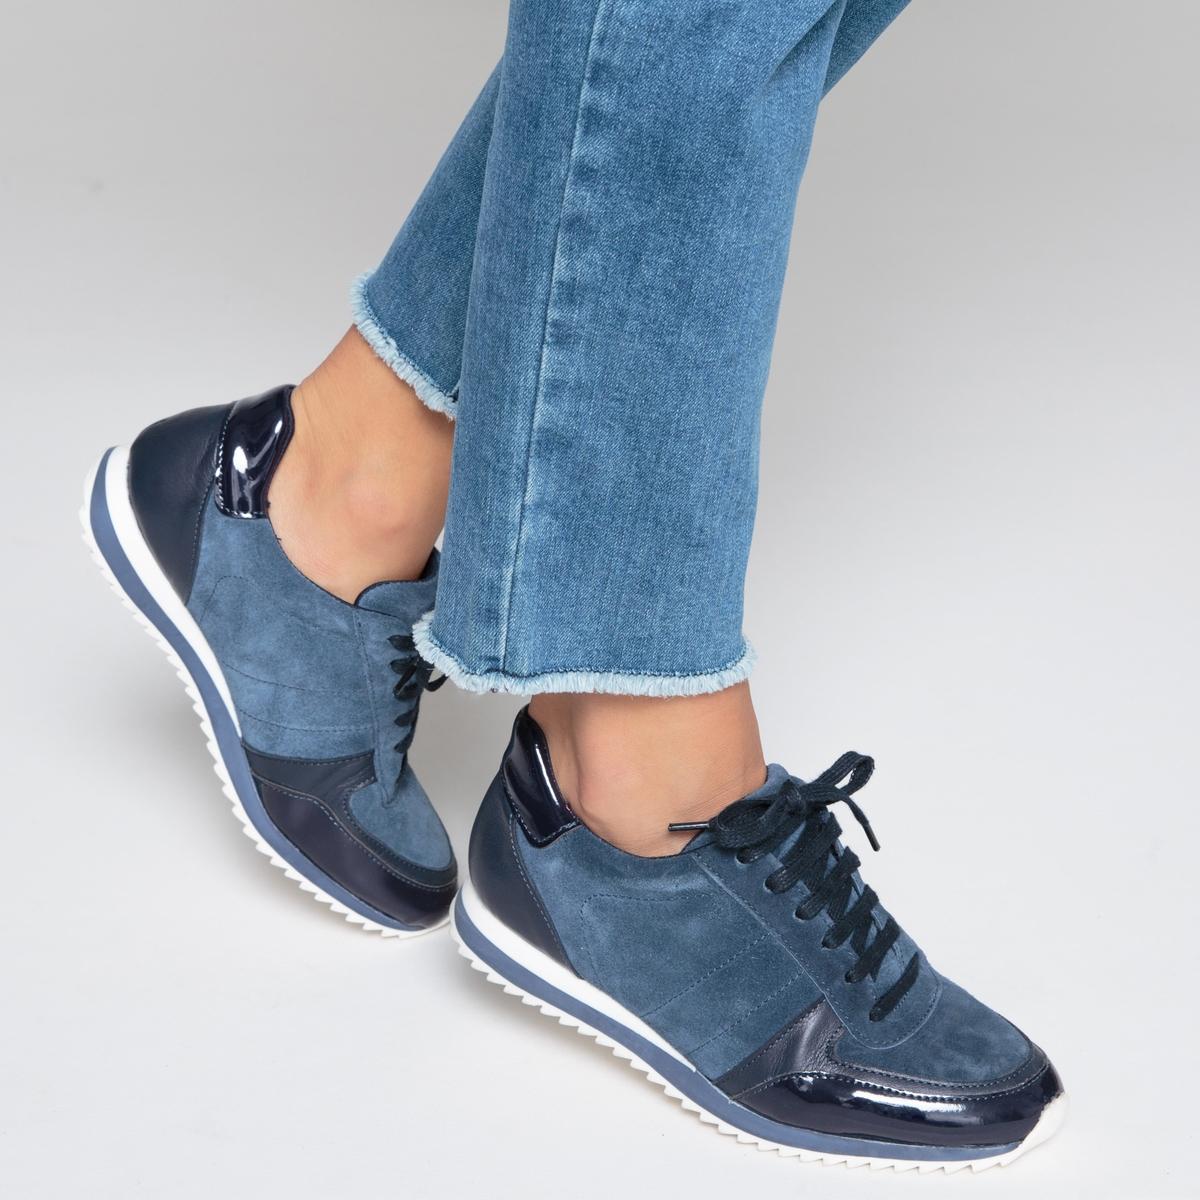 Кеды кожаныеДетали  •  Спортивный стиль •  Плоский каблук •  Высота каблука : 0 см •  Застежка : шнуровка •  Гладкая отделкаСостав и уход  •  Верх 100% кожа •  Подкладка 100% текстиль •  Стелька 100% текстиль •  Подошва 100% эластомер<br><br>Цвет: бордовый,синий морской<br>Размер: 37.36.38.39.41.40.37.36.41